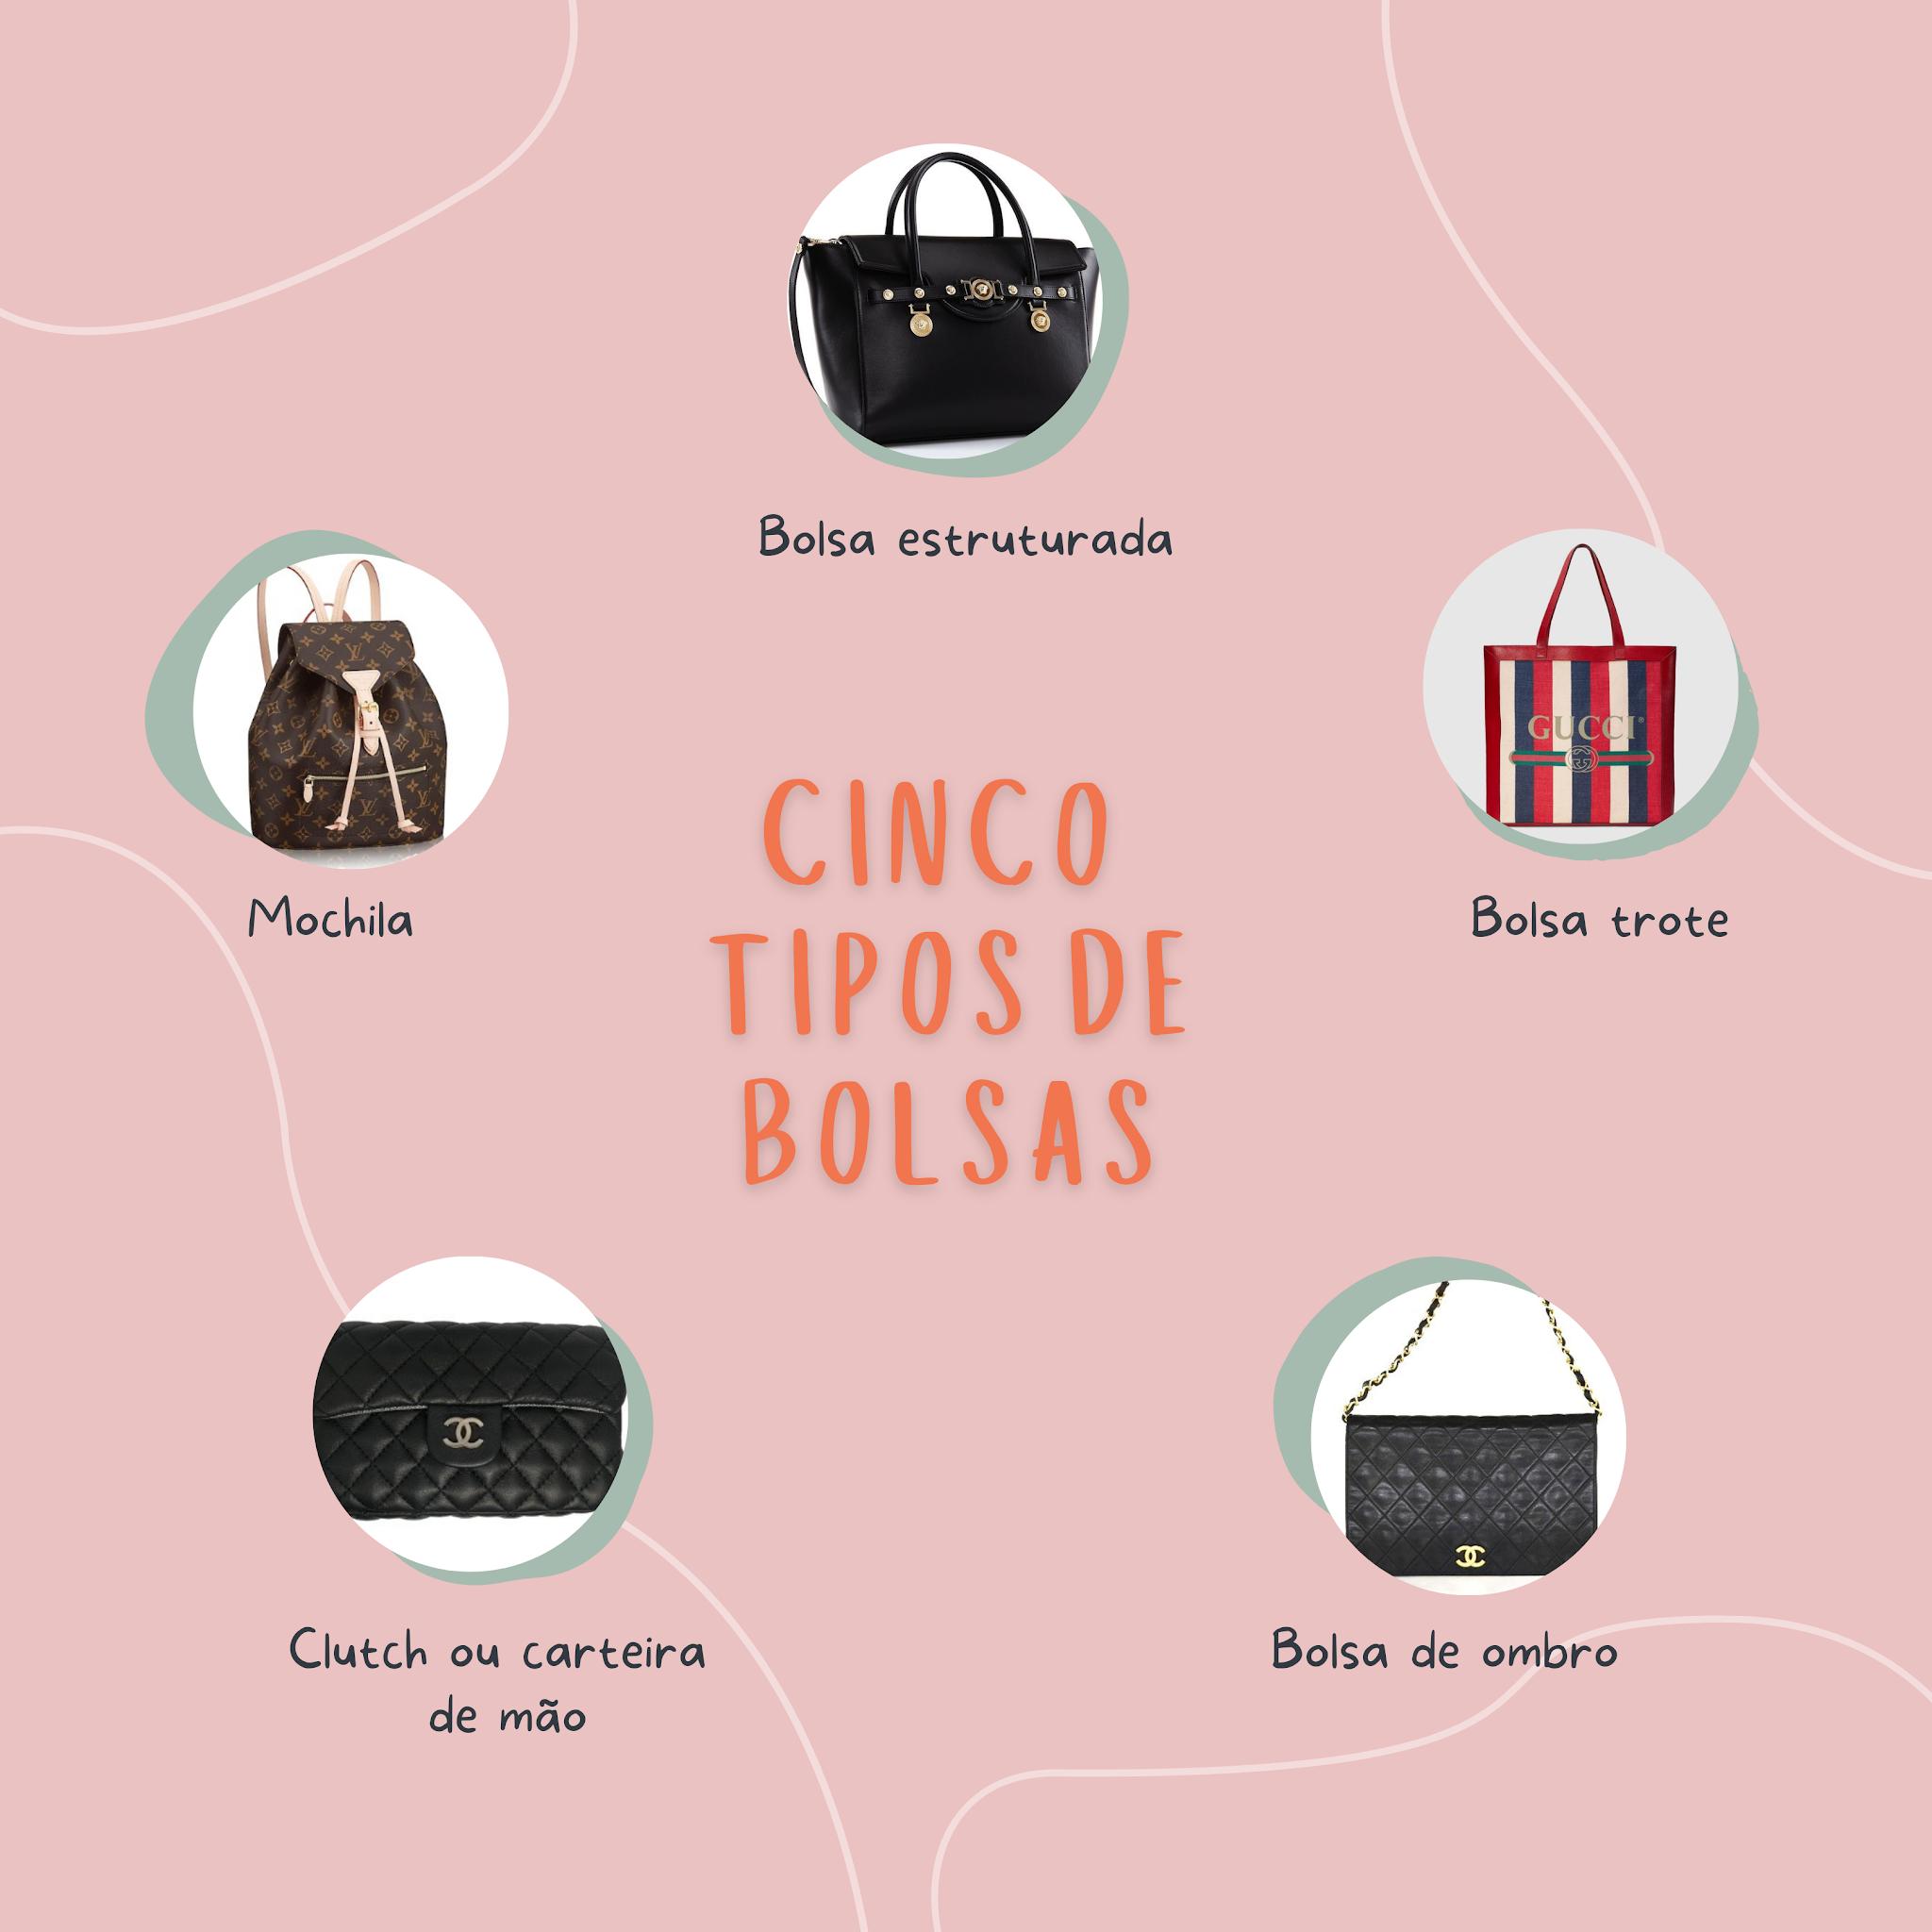 Cinco tipos de bolsas que toda mulher deve ter